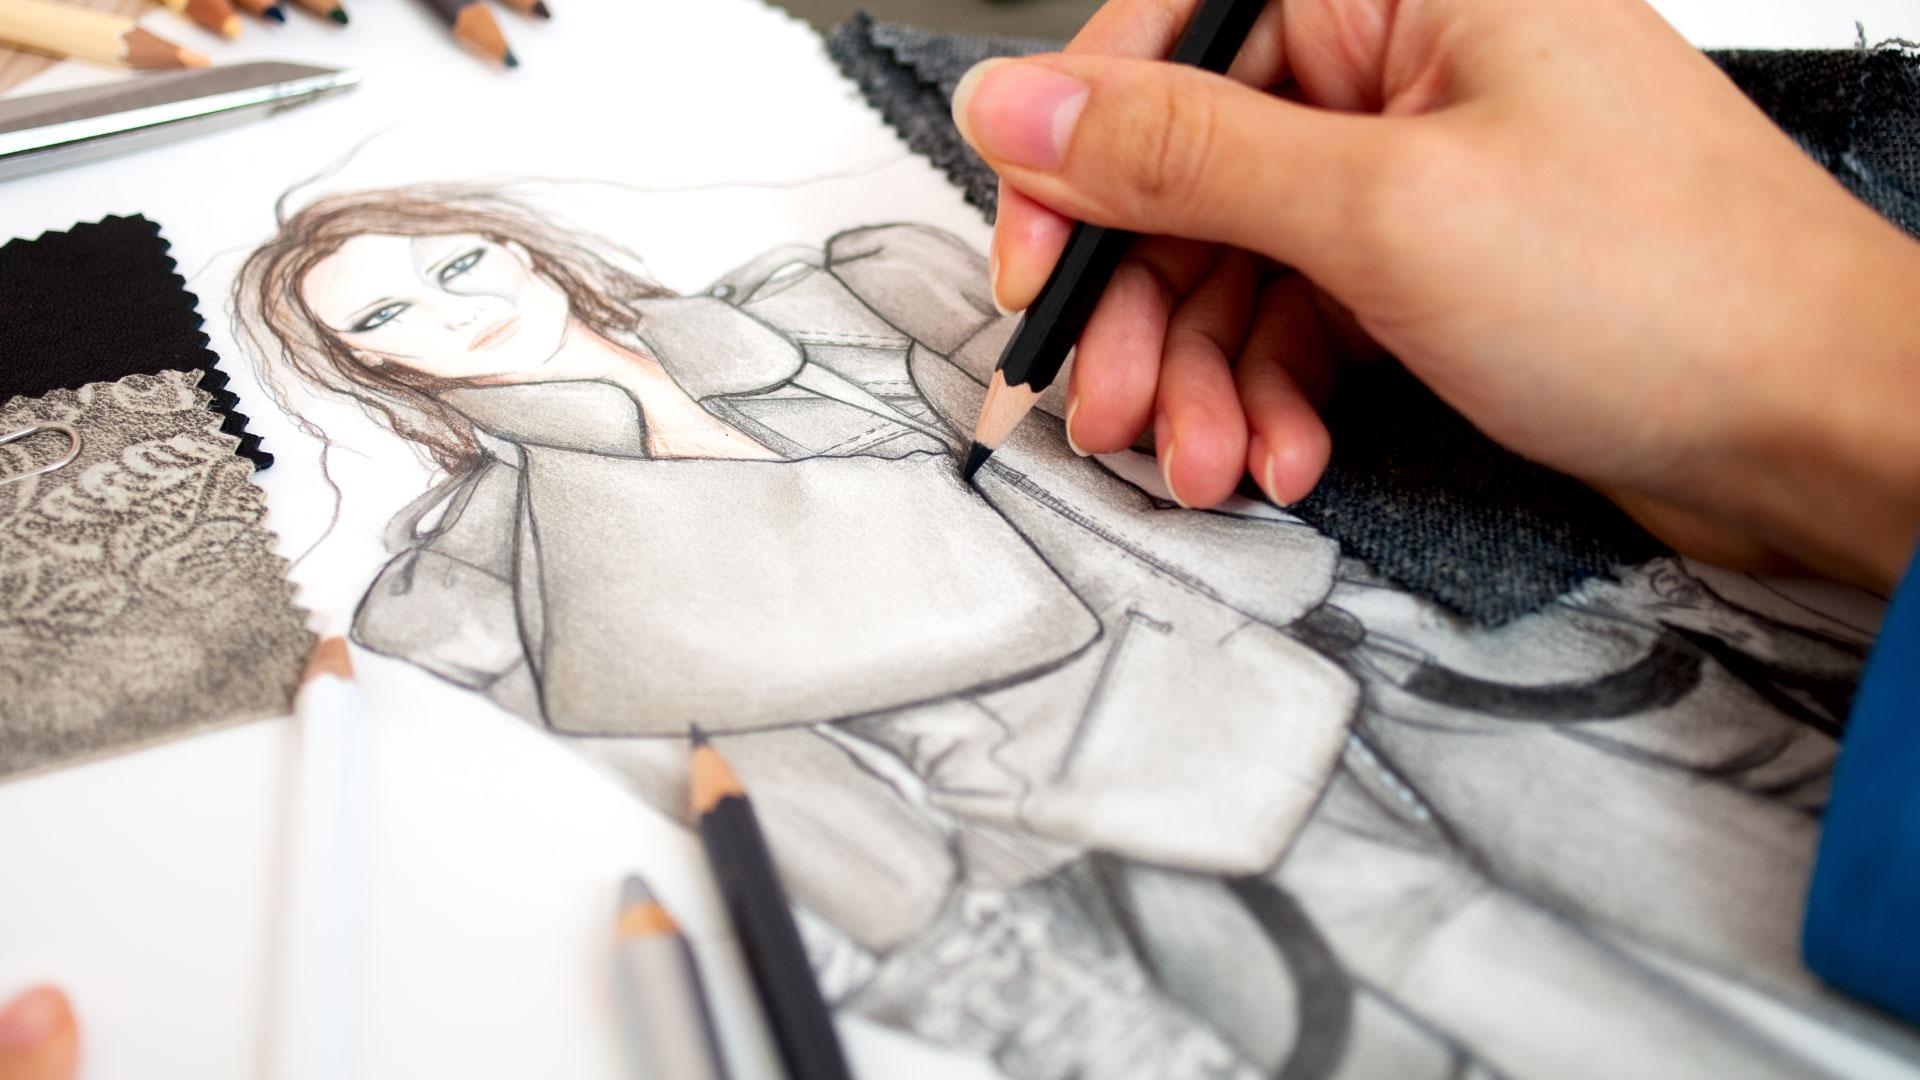 Работа над новыми фасонами одежды – процесс, который невозможен без тонкого вкуса, знаний, нестандартного мышления